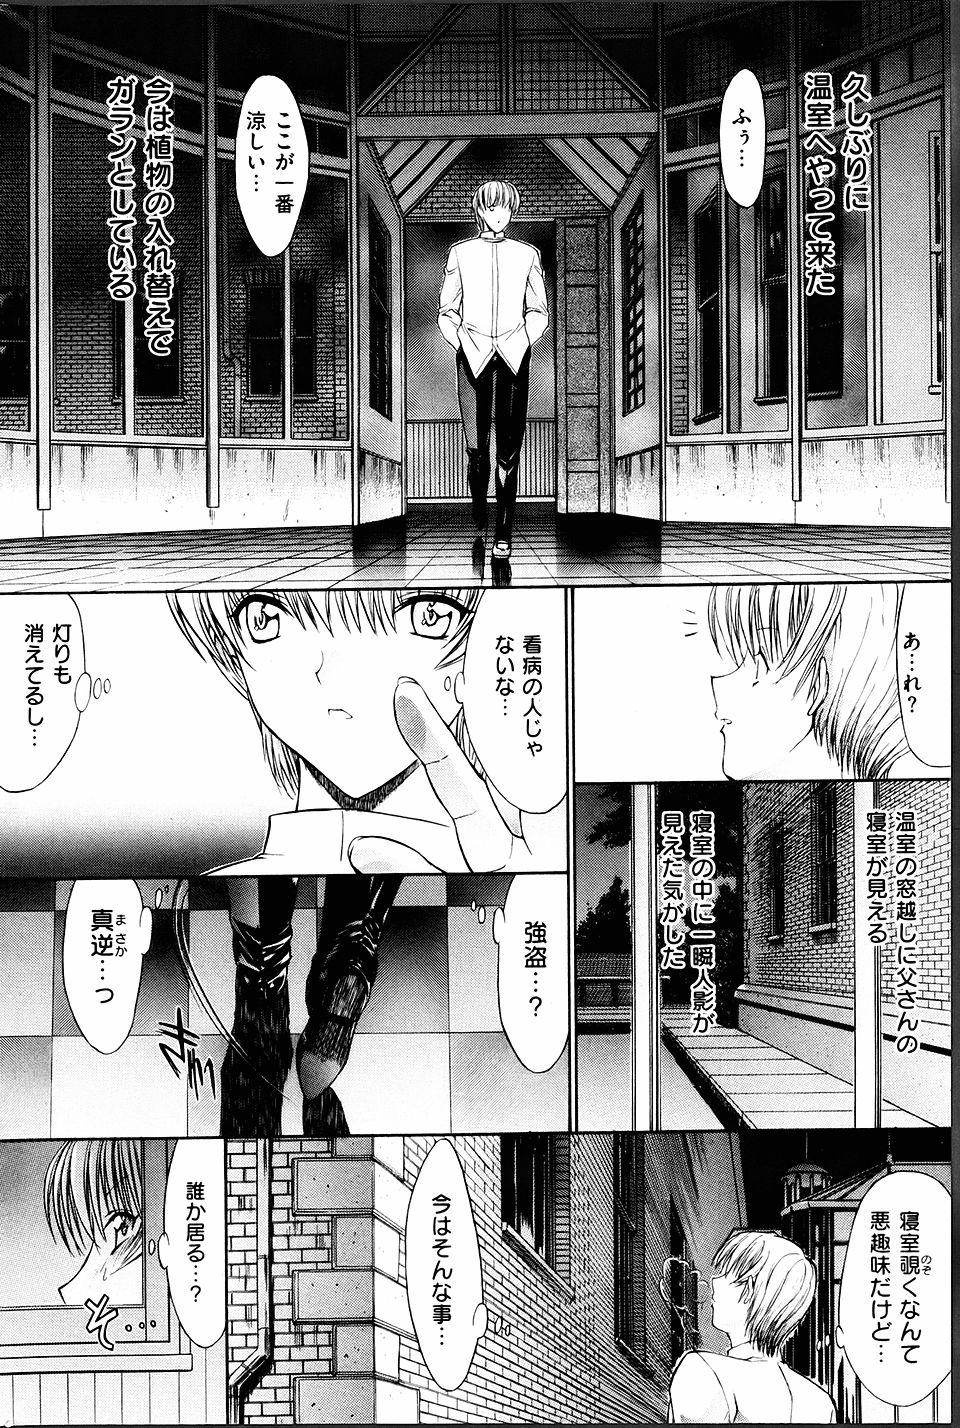 仲が良かった巨乳メイドが父親とエッチしてたから同じ事したったwww【エロ漫画・エロ同人誌】 (6)